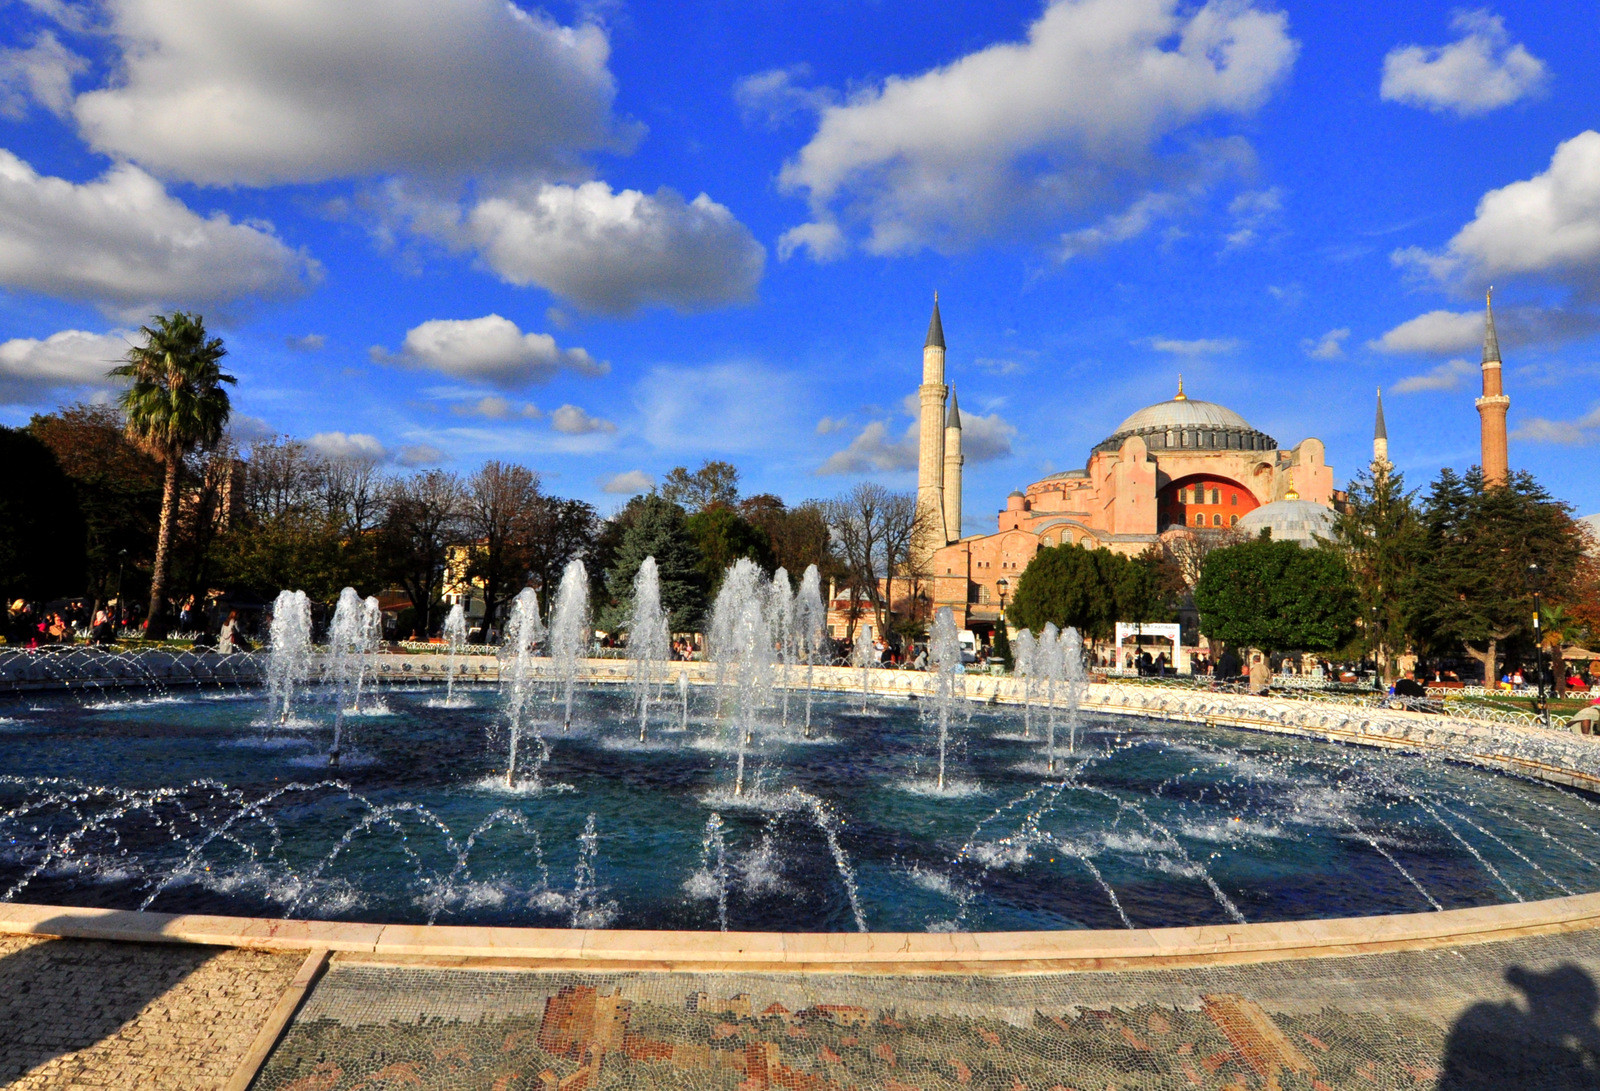 اسطنبول الطقس في الربيع وأفضل وقت لزيارة اسطنبول آيا صوفيا